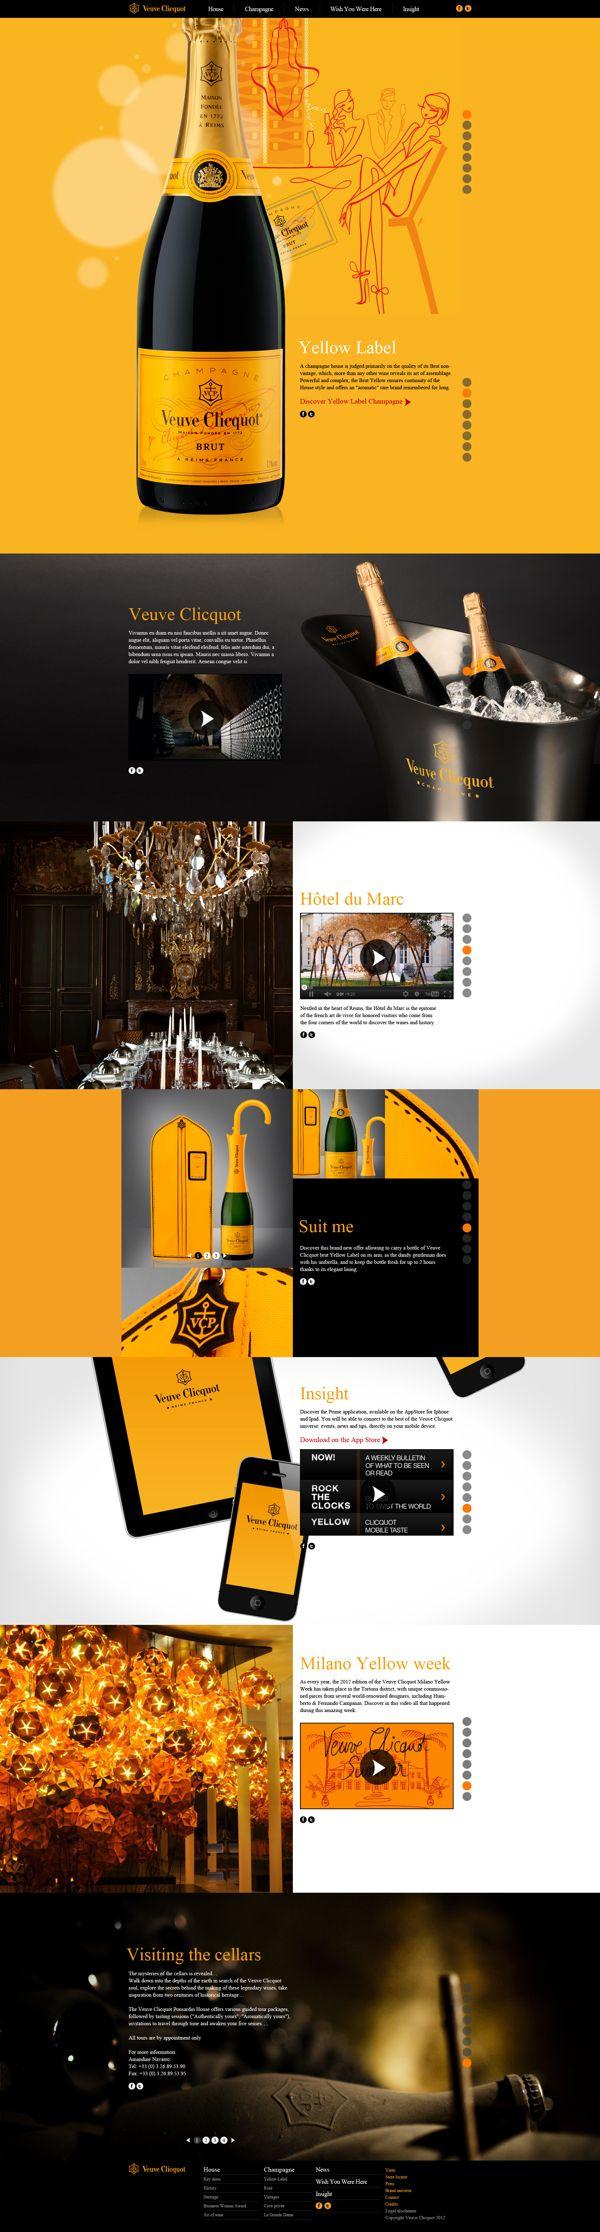 Cool Web Design, Veuve Clicquot. #webdesign #webdevelopment [http://www.pinterest.com/alfredchong/] #wine